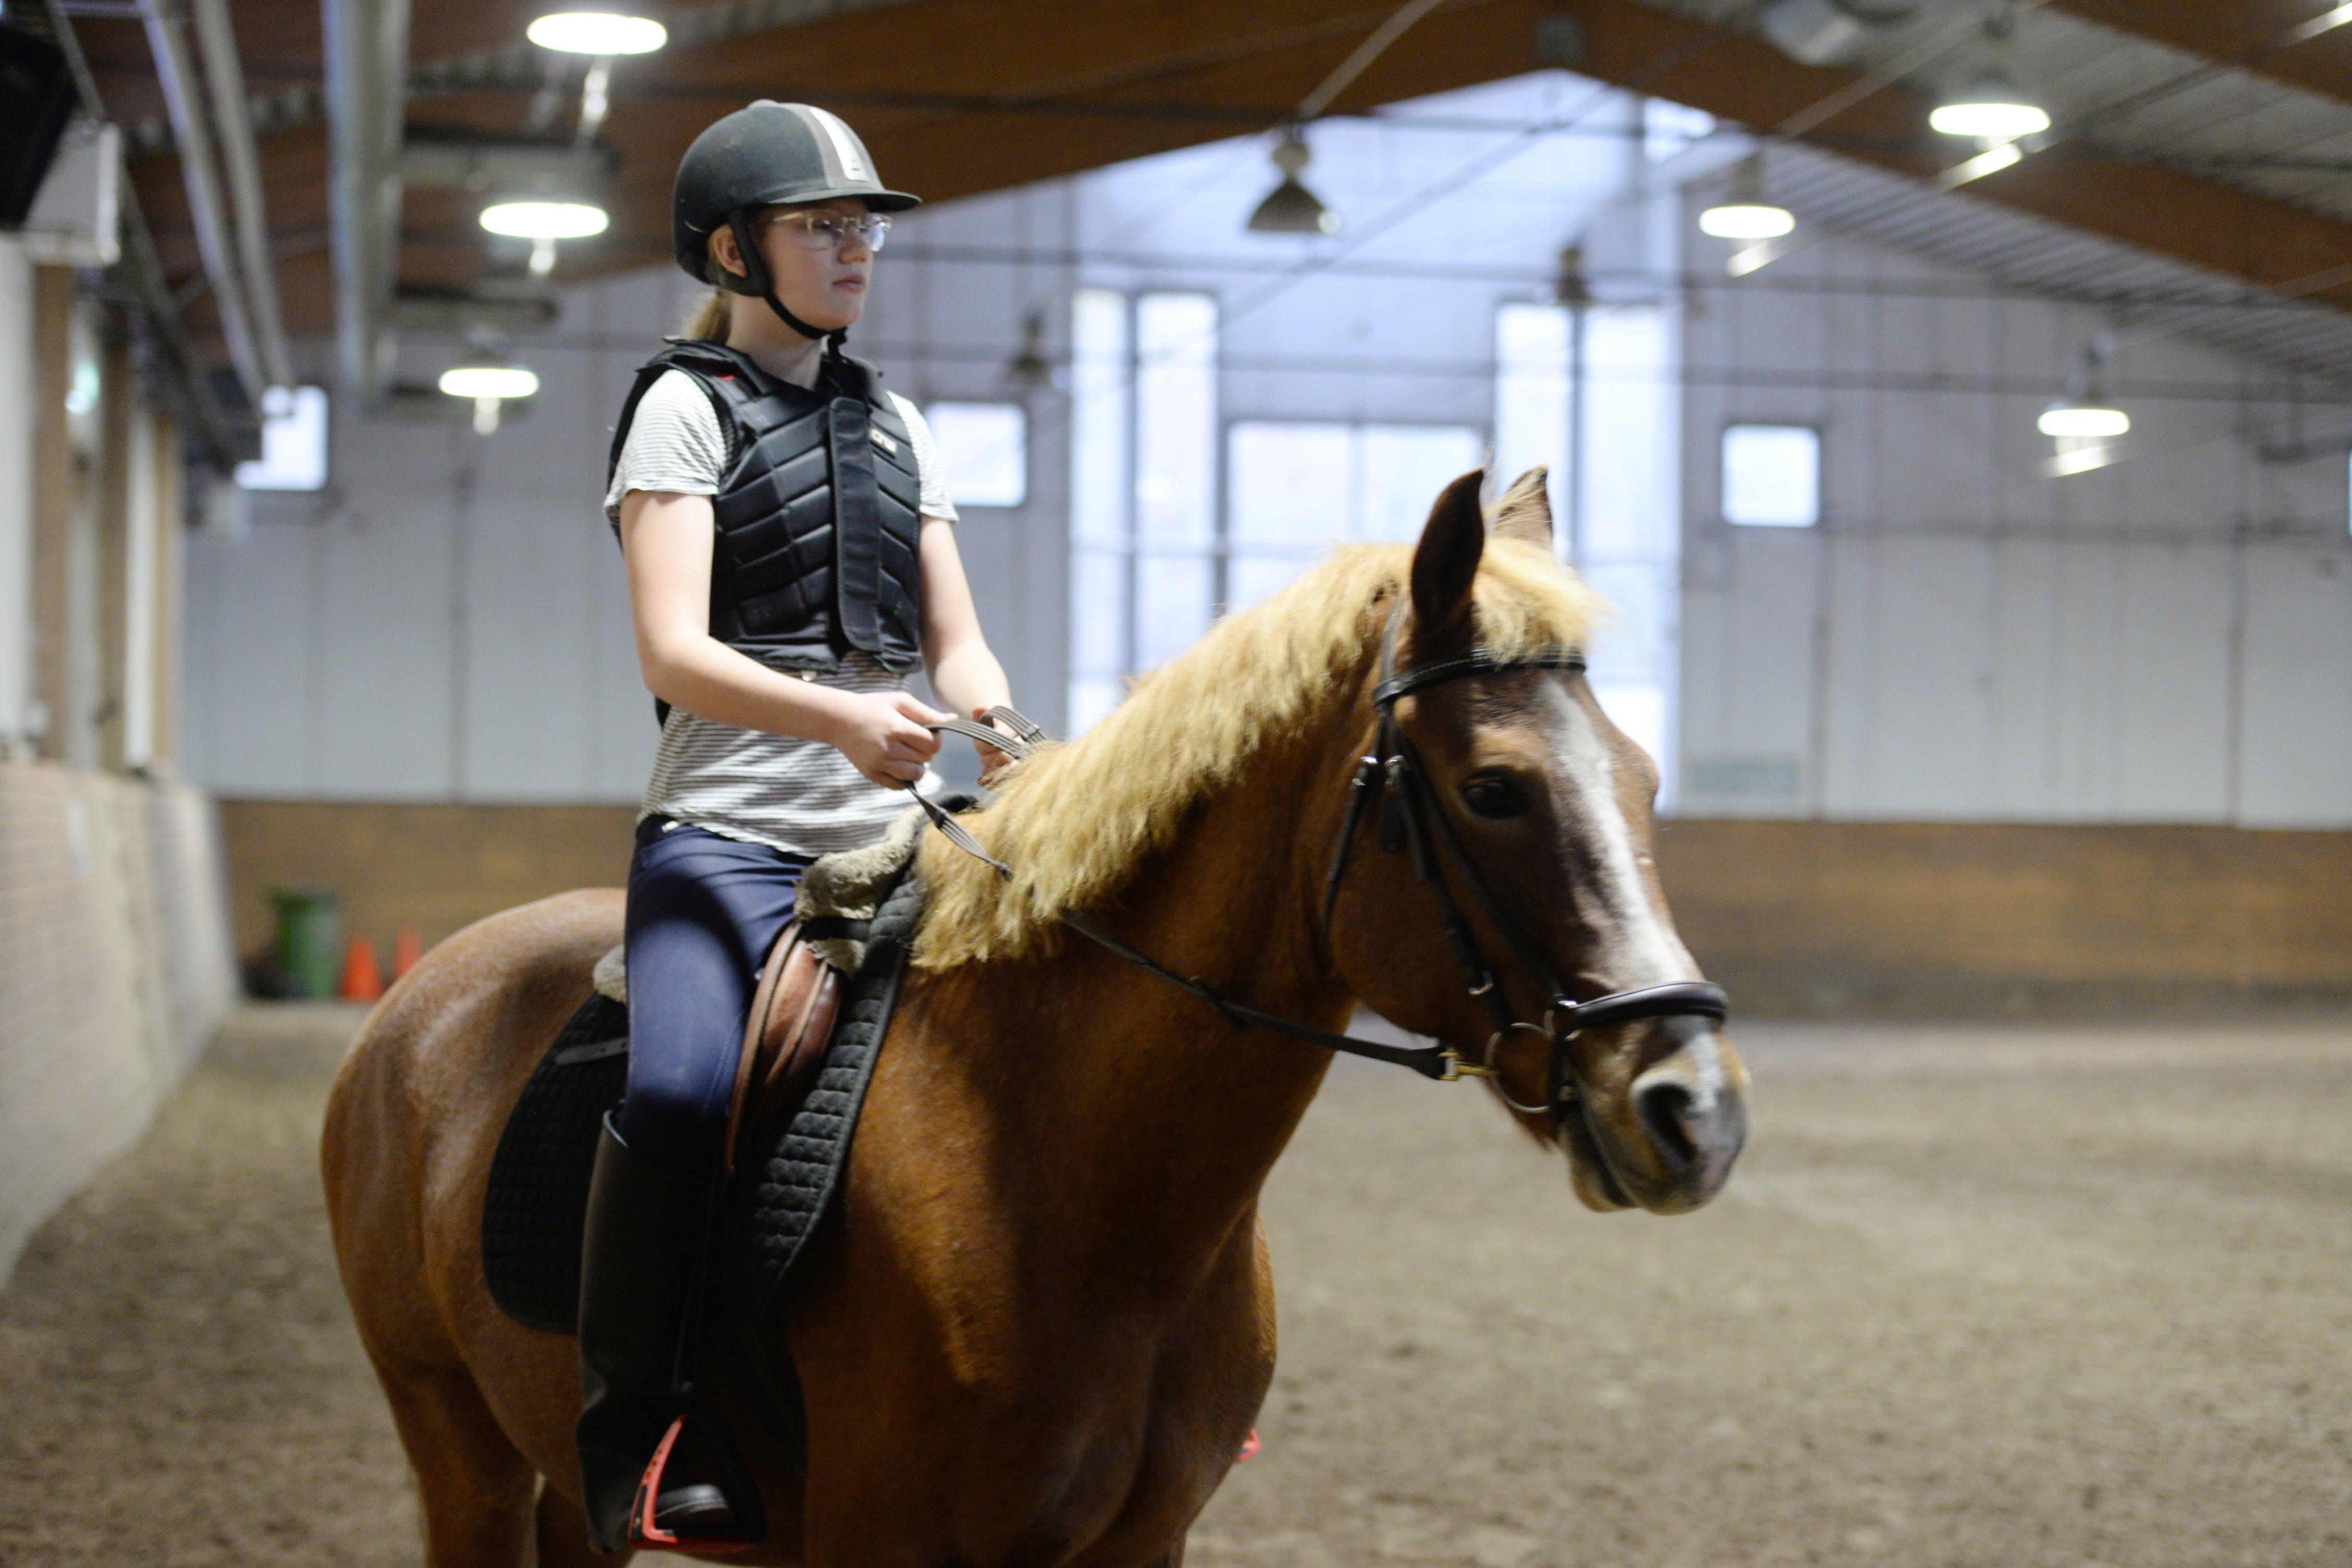 Claudia är en av de unga som kommit i kontakt med hästar tack vare samarbetet mellan BUP och Borås Fältrittklubb. Foto: Anna Nyberg